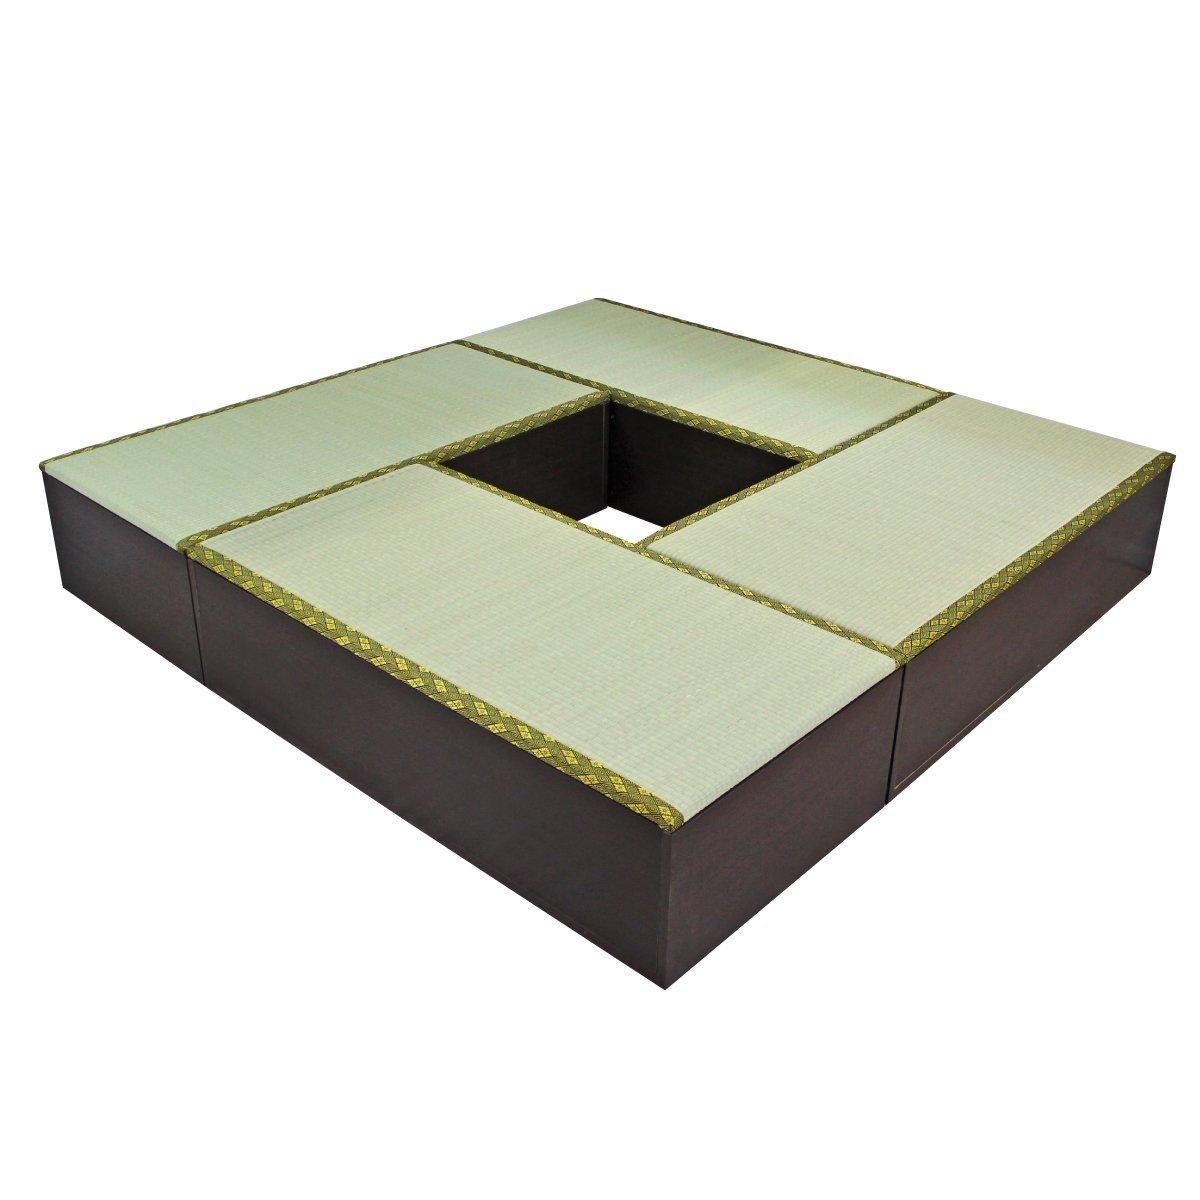 畳 ボックス 収納 高床式 ユニット 1畳タイプ4本 セット ダークブラウン UT-SET-4DBR J-Supply   B008ECPK7E